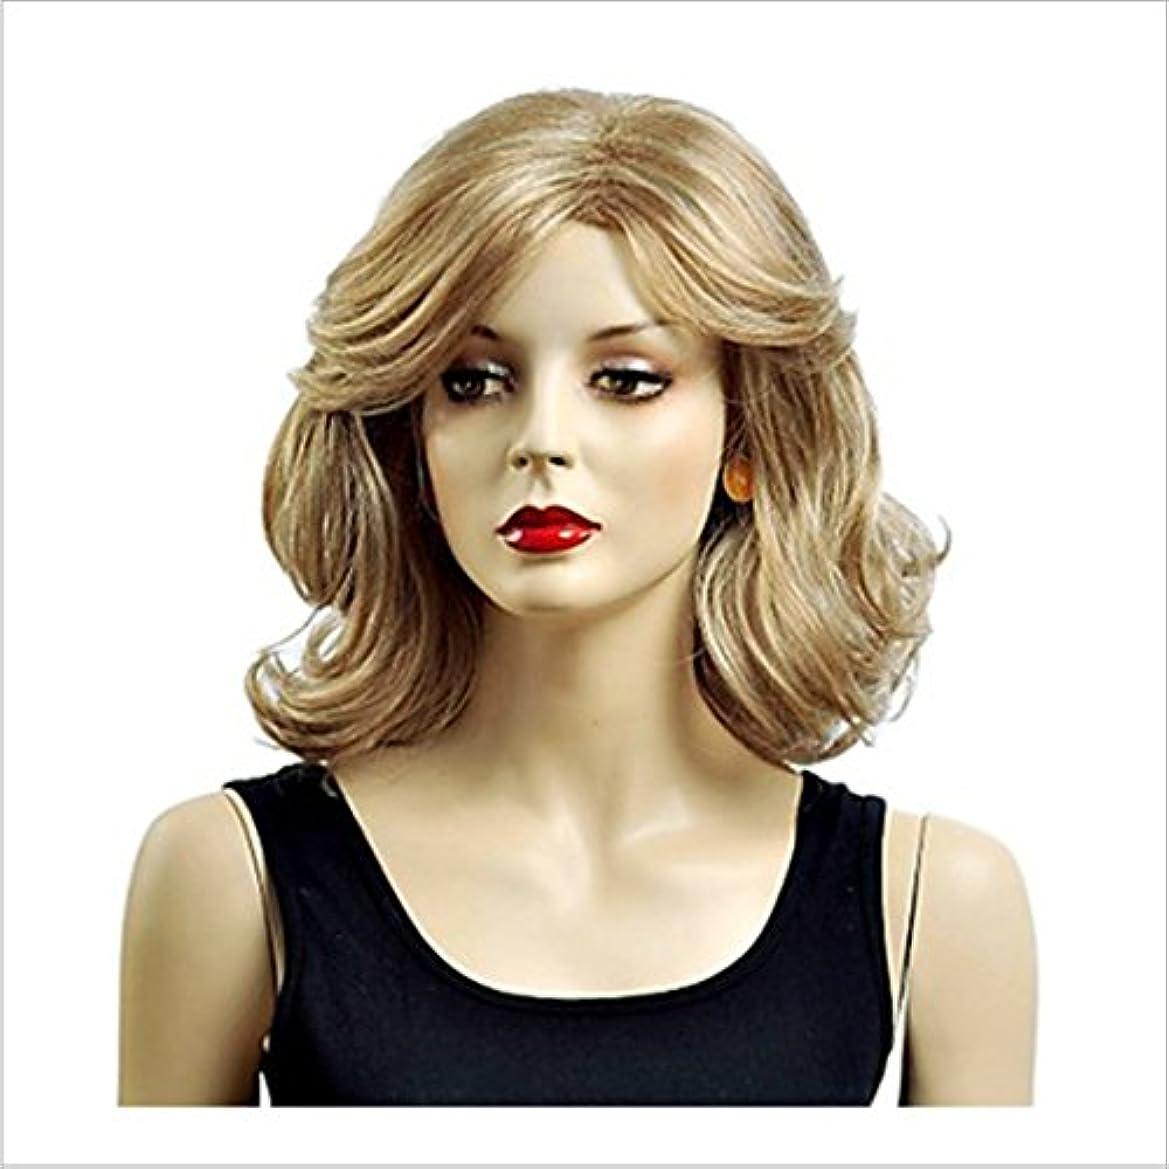 フェザーレイ診断するYOUQIU スプリット前髪16で耐性ホワイトゴールドの女性のカーリーウィッグショートふわふわ波状人工毛自然なカーリーウィッグデイリーウィッグ耐熱ウィッグのために「」180グラム(ゴールド)ウィッグ (色 : ゴールド)